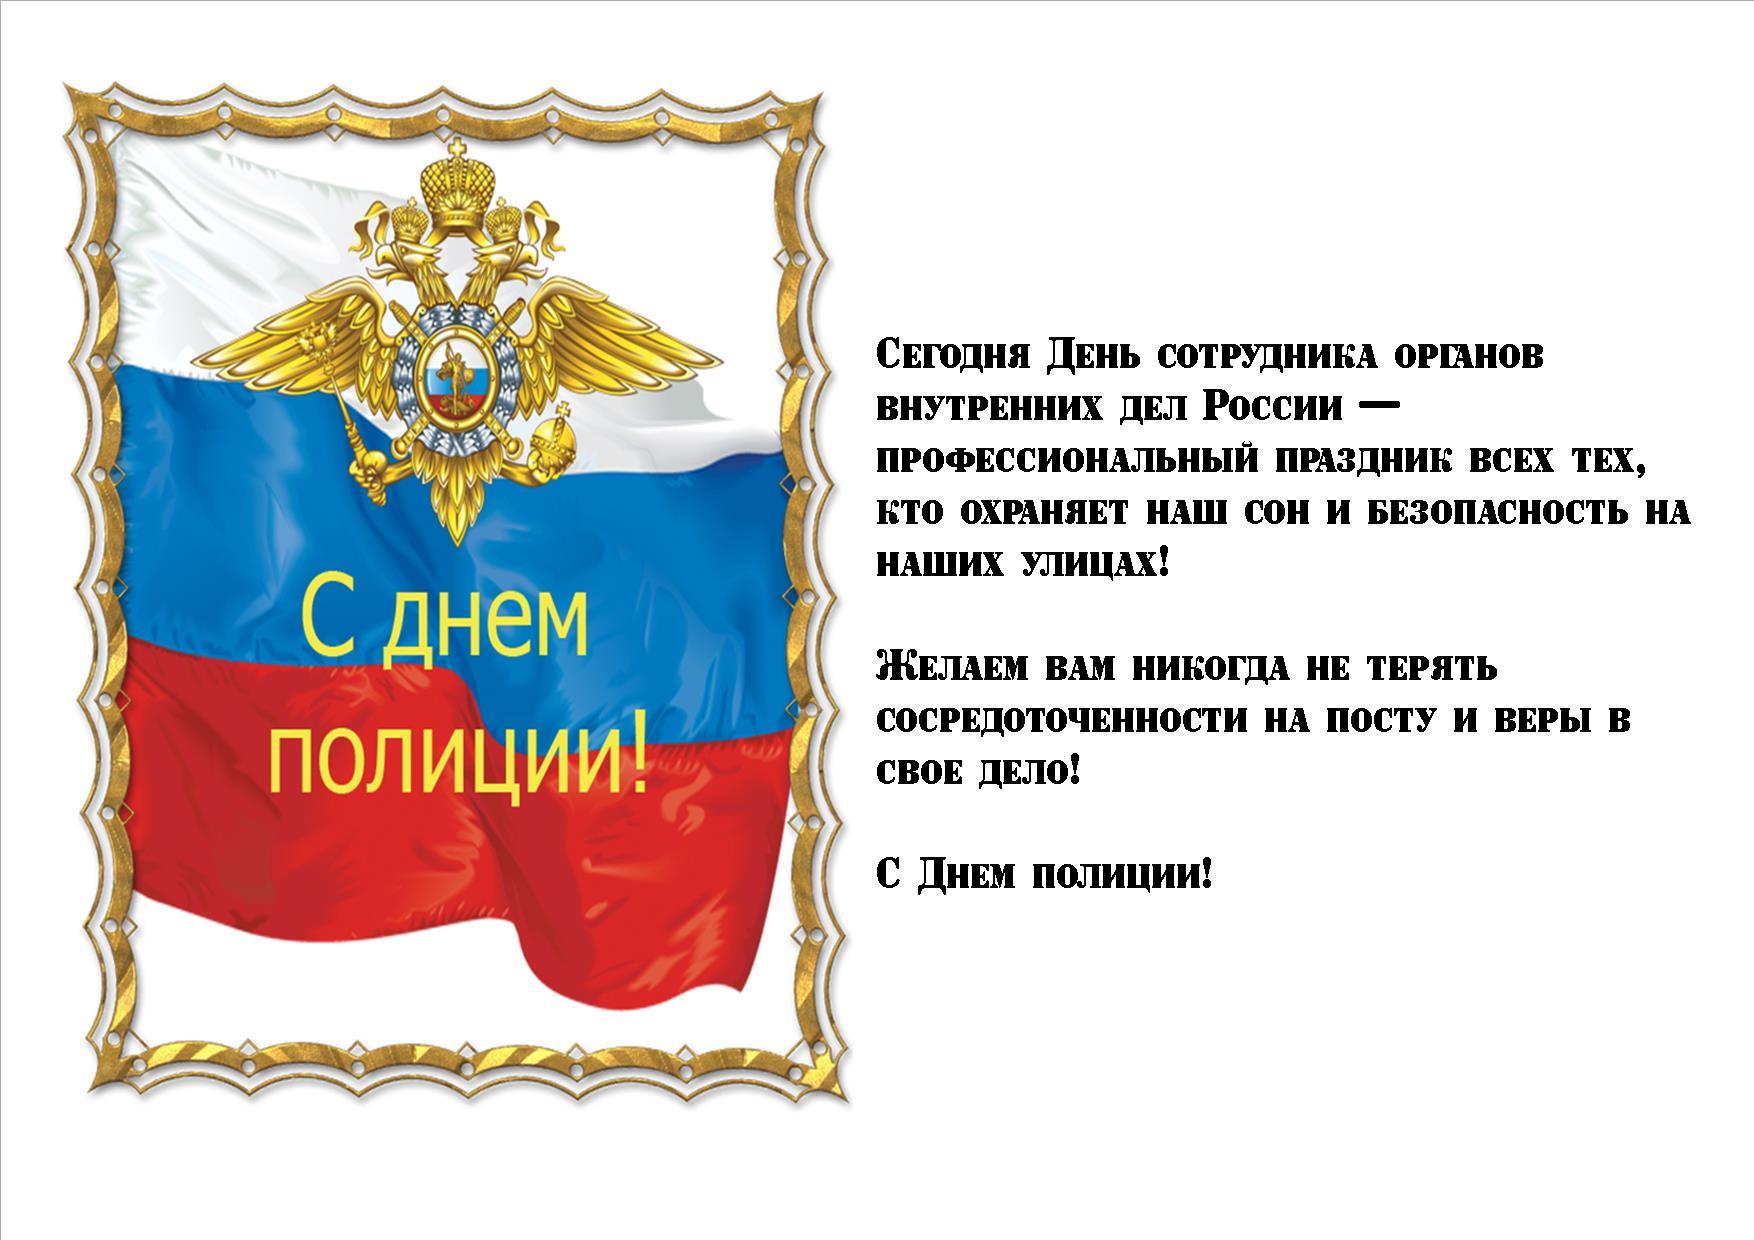 Открытки день полиции в россии, мама купила